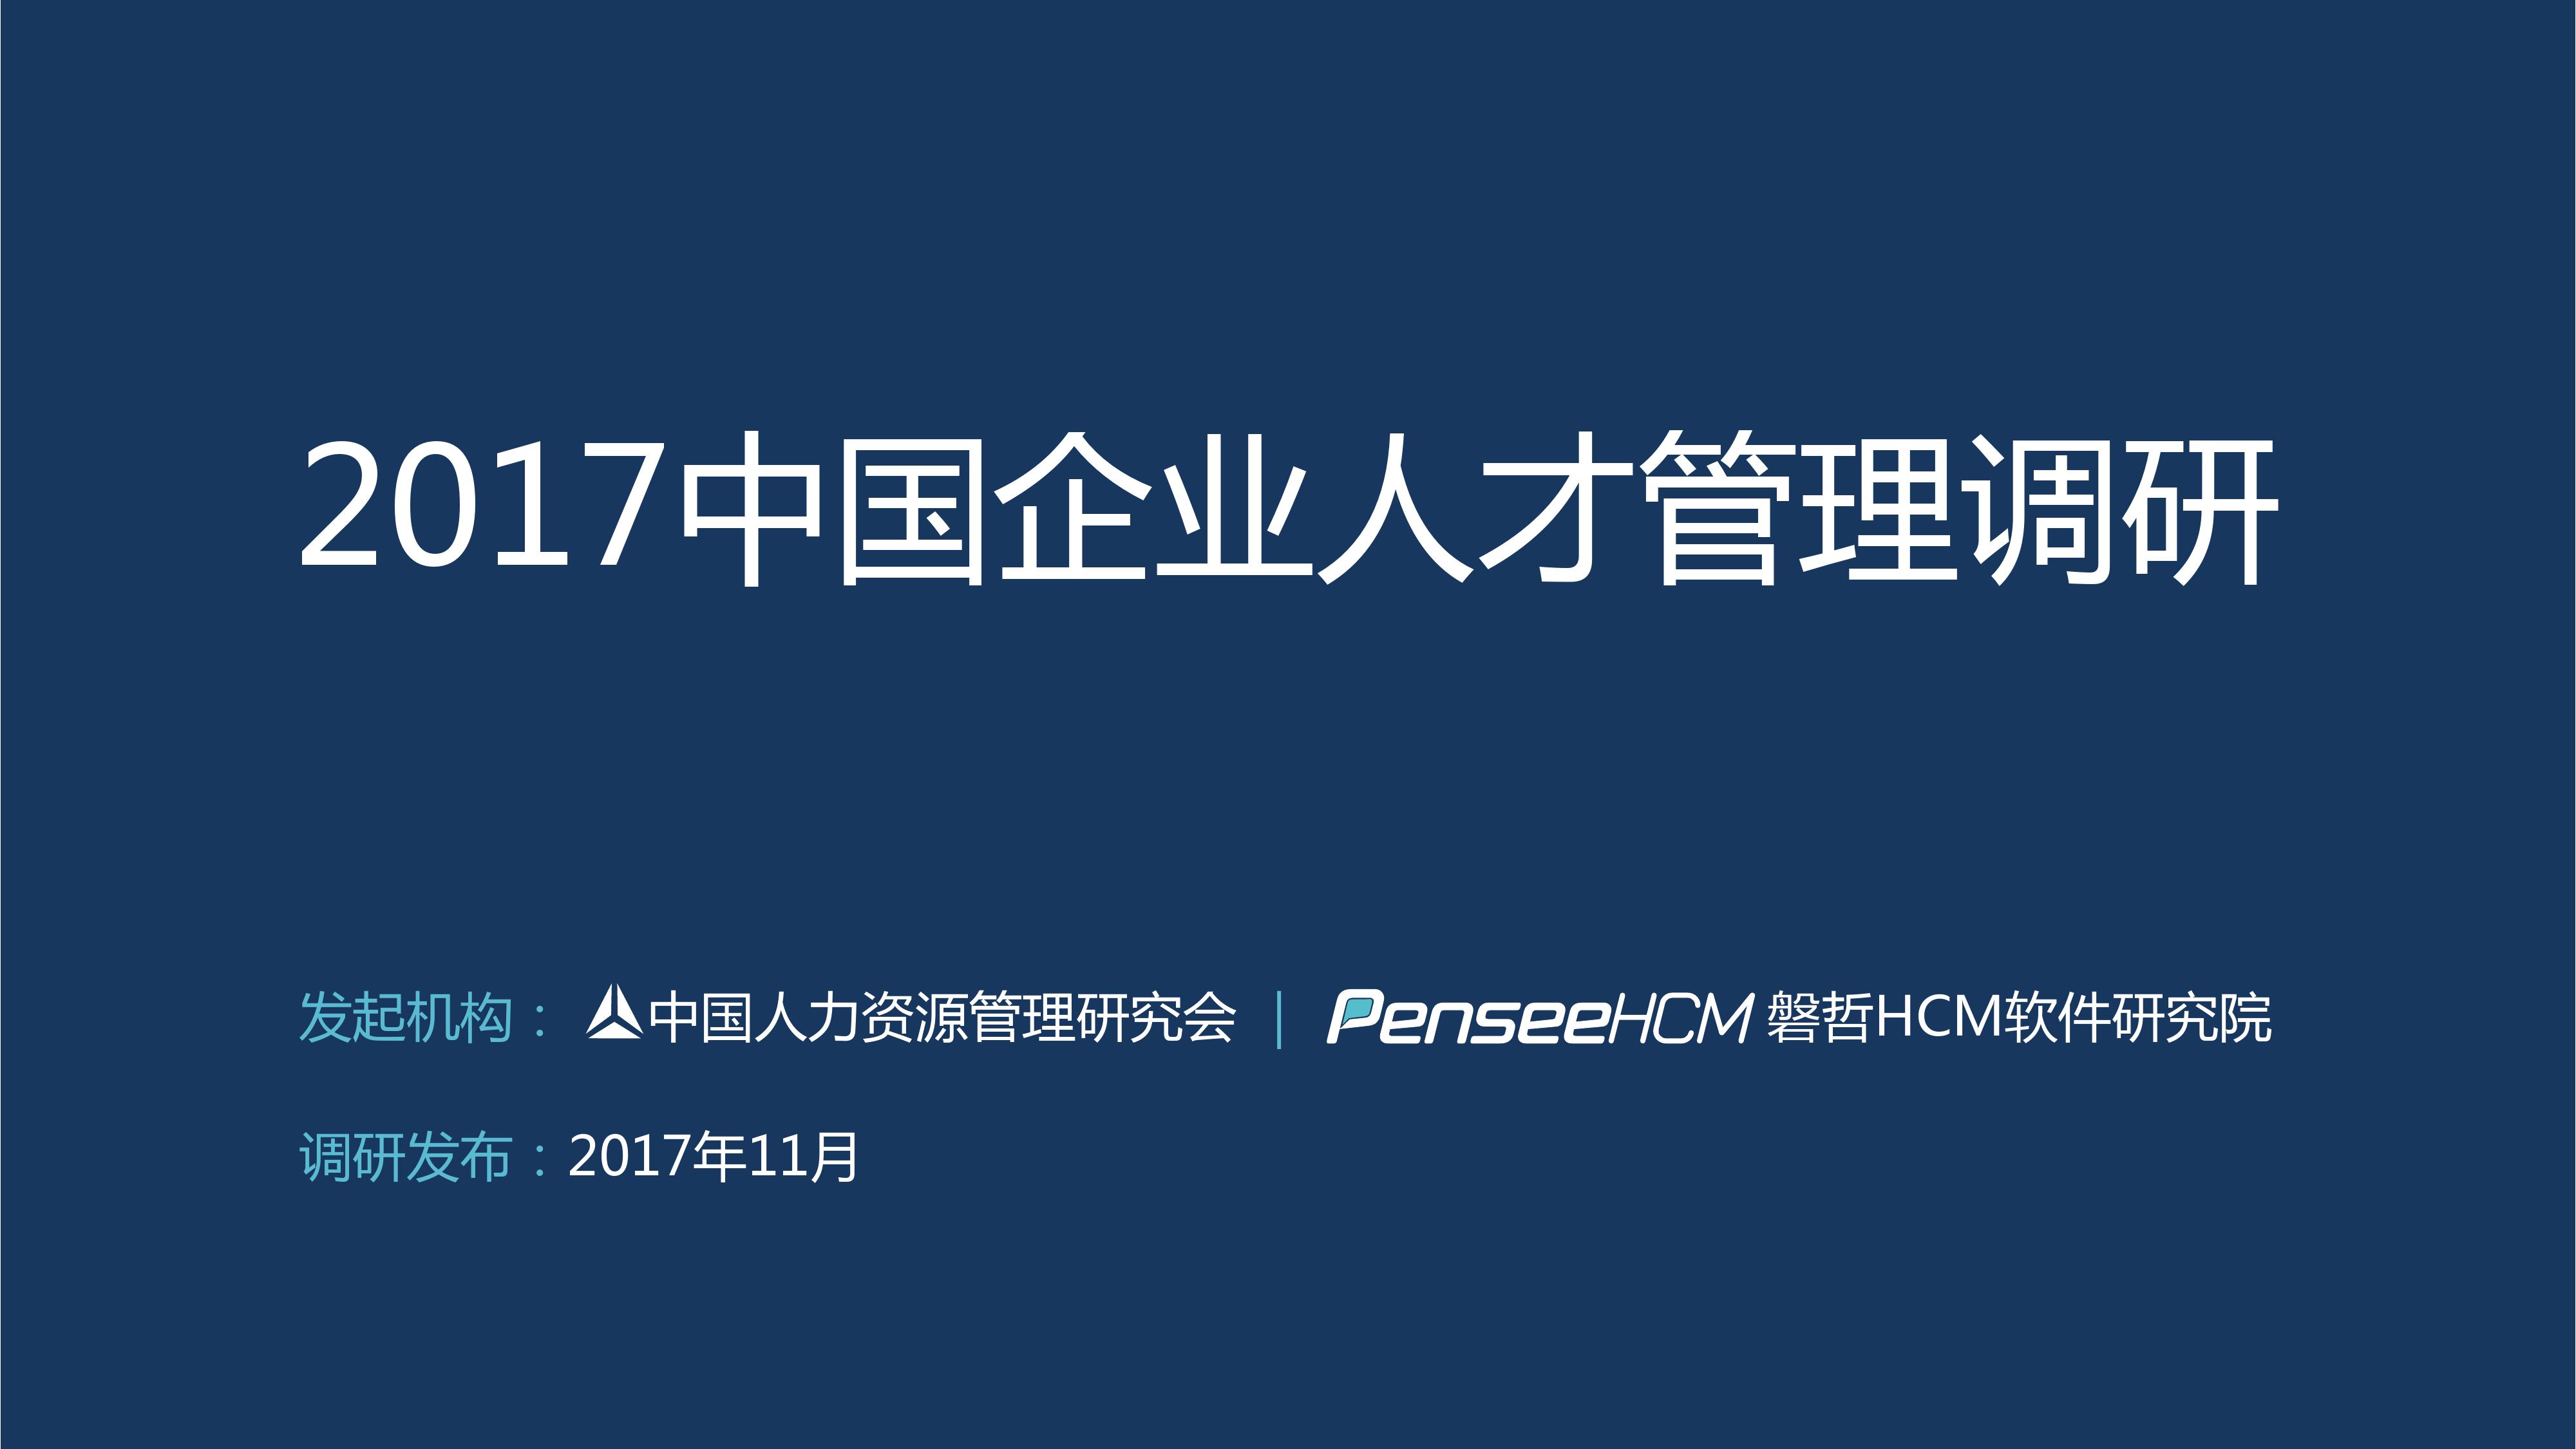 Pensee HCM:2017中国企业人才管理调研报告(附下载)